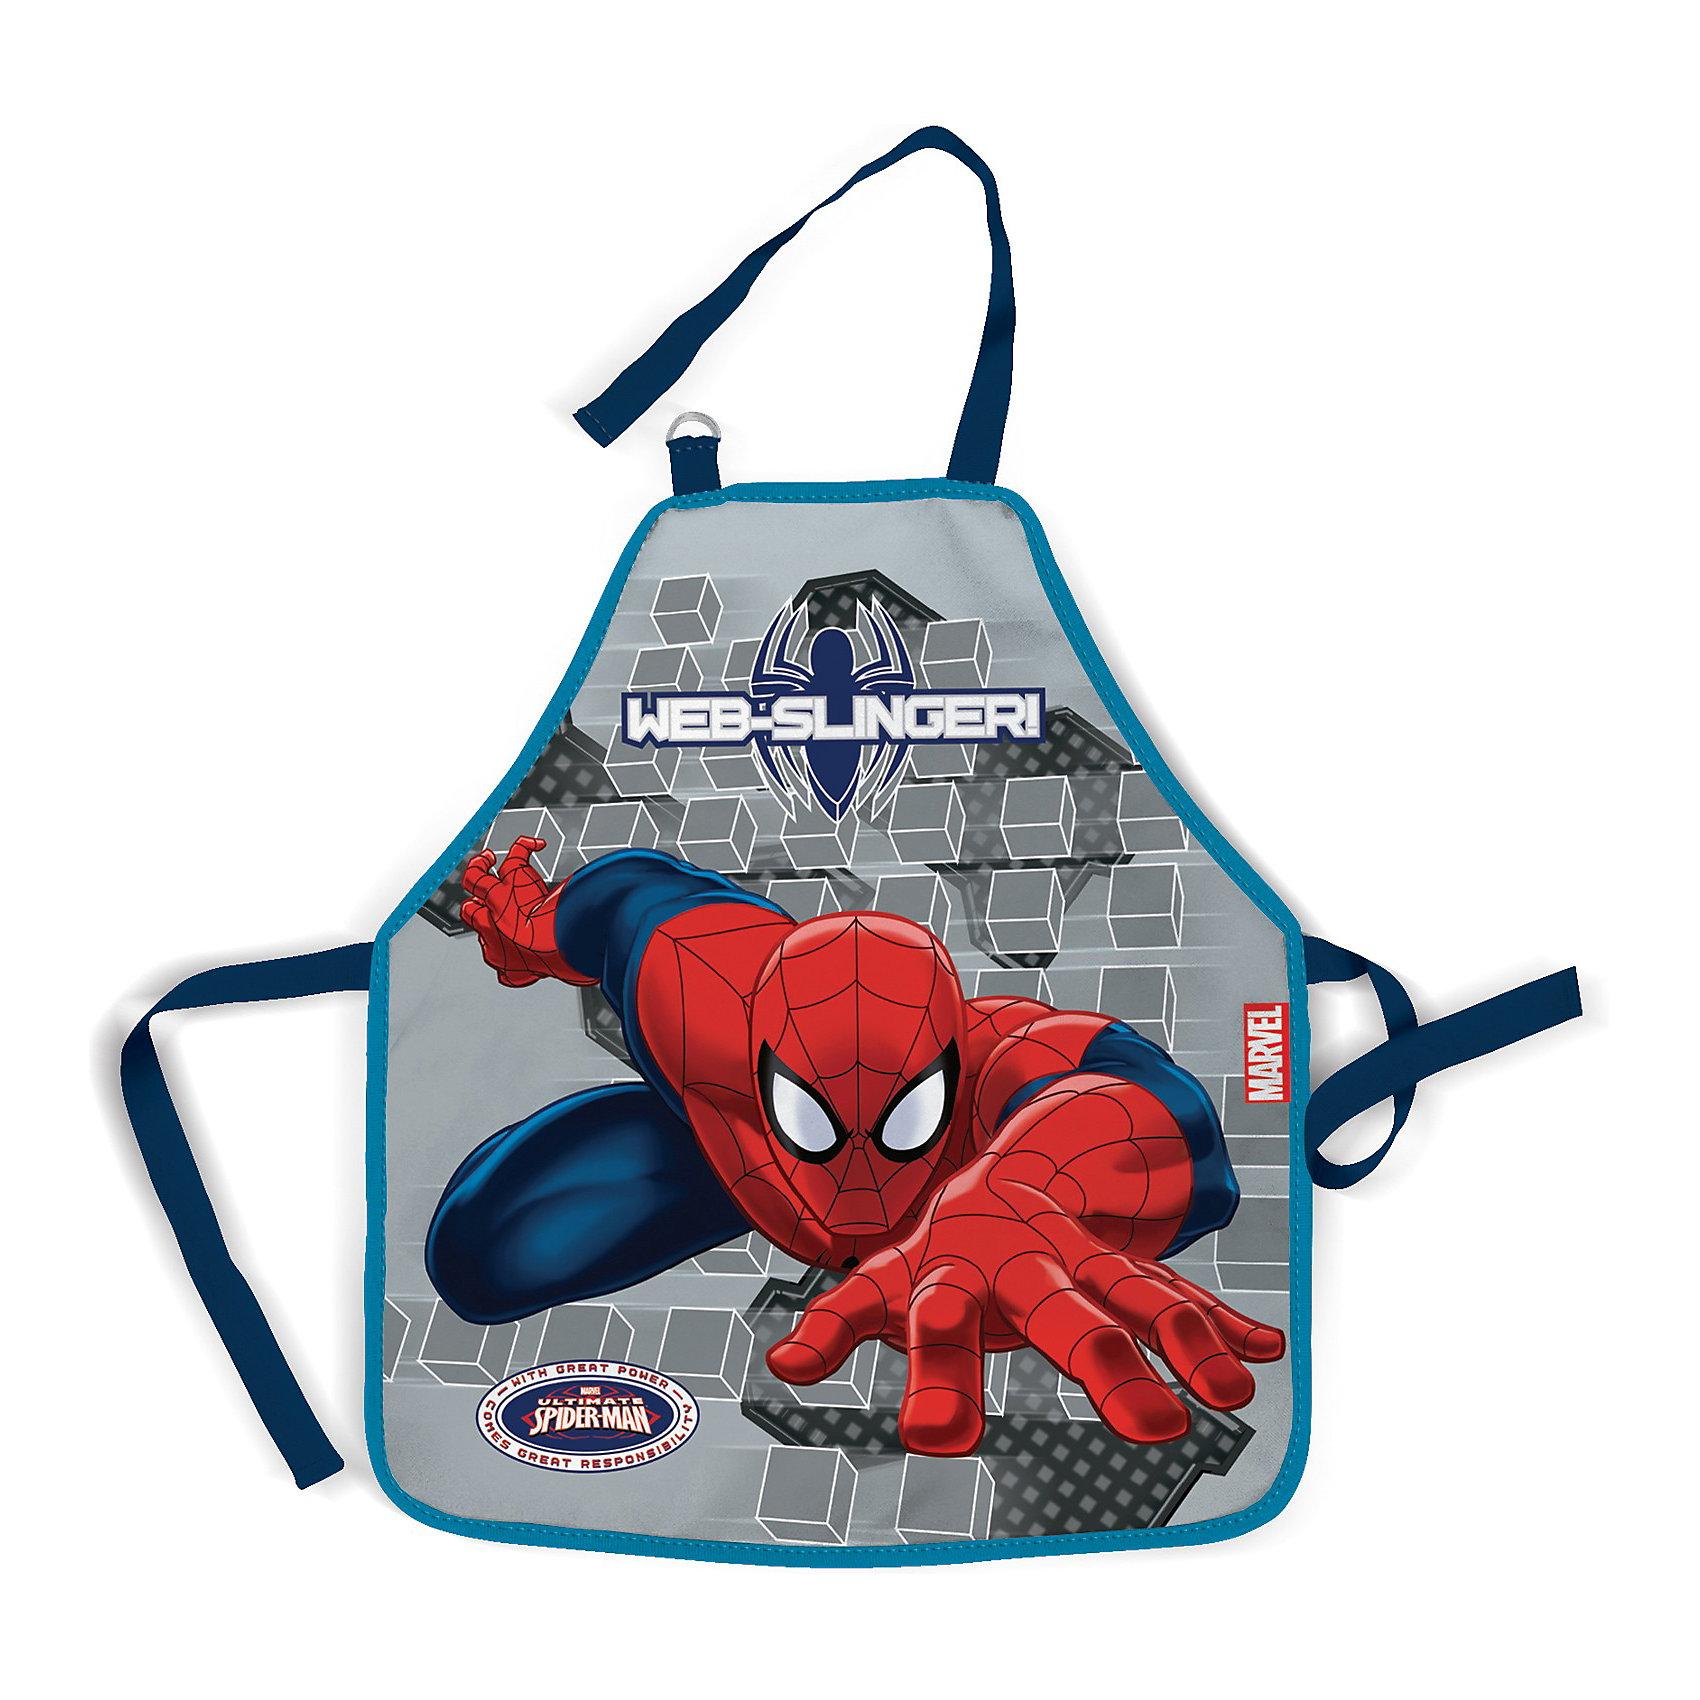 Фартук, Человек-ПаукЕсли Ваш малыш любит рисовать красками или помогать маме не кухне, то фартук с изображением любимого героя комиксов про Человека-паука (Spider Man) - это то что нужно! <br><br>Дополнительная информация:<br><br> - размер: 51х44 см.<br><br>Фартук, Spider Man можно купить в нашем магазине.<br><br>Ширина мм: 510<br>Глубина мм: 440<br>Высота мм: 10<br>Вес г: 580<br>Возраст от месяцев: 48<br>Возраст до месяцев: 84<br>Пол: Мужской<br>Возраст: Детский<br>SKU: 3562977